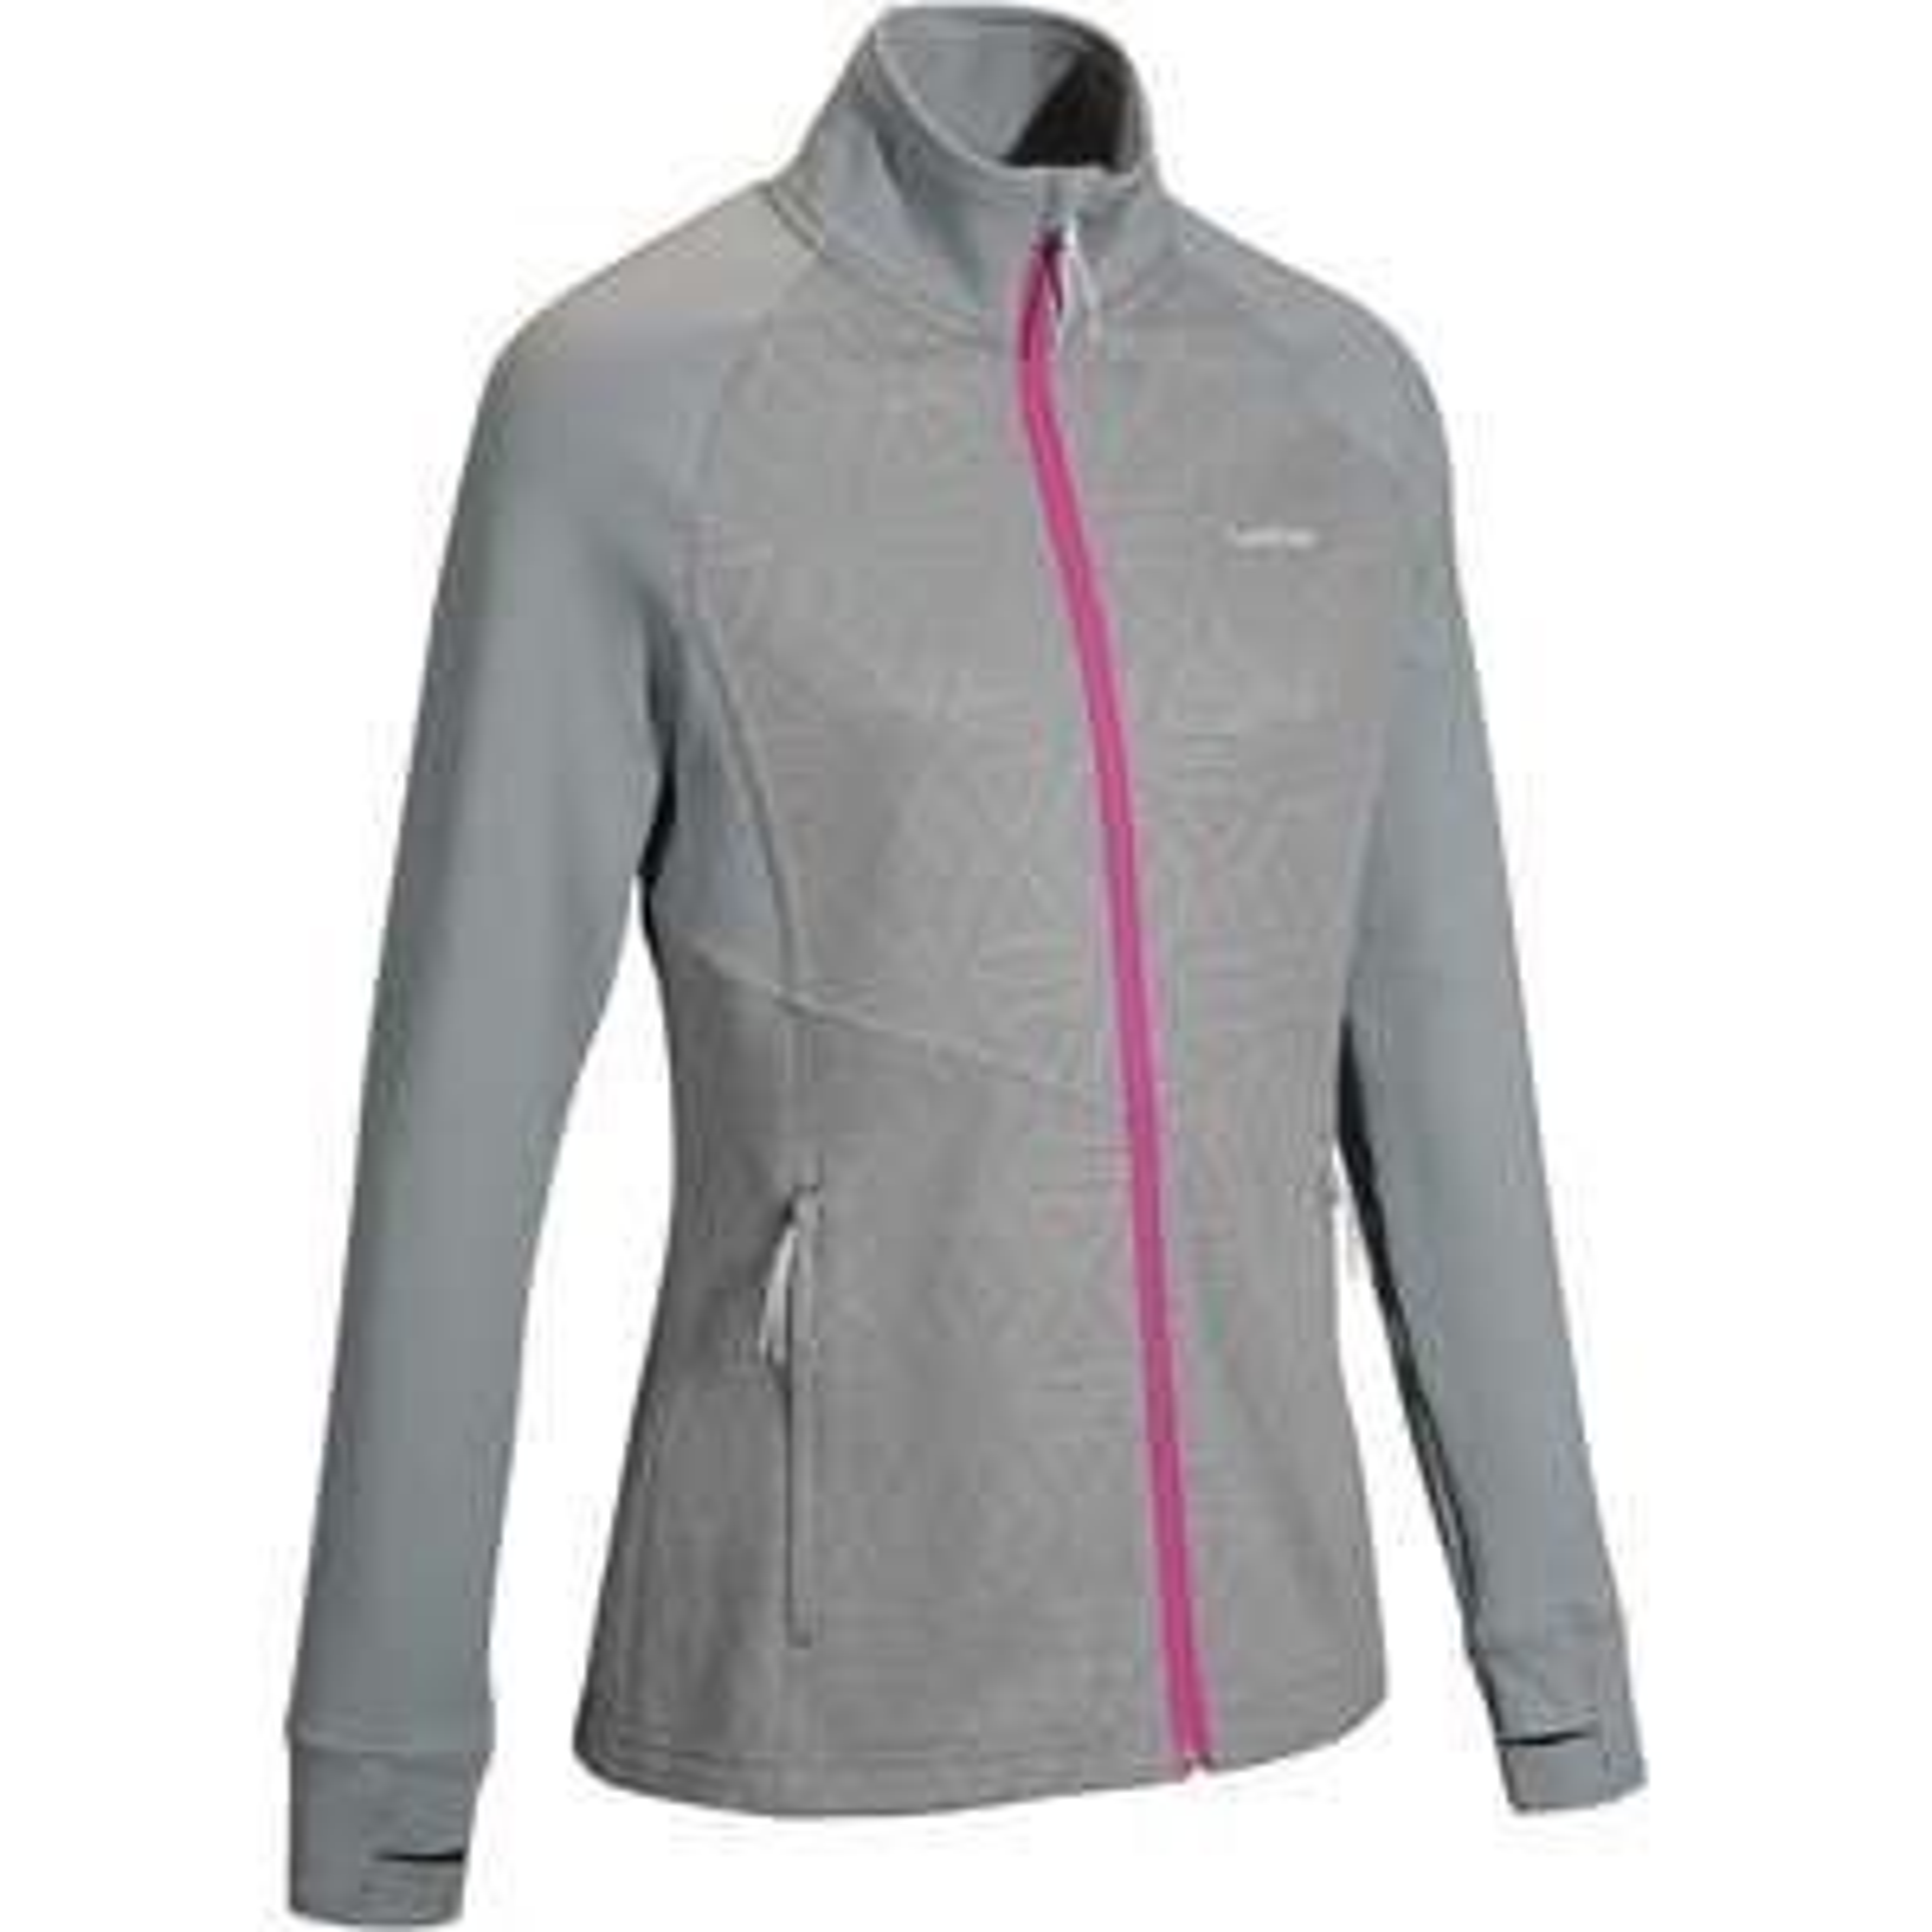 Sous-veste de ski 500 en laine pour femme  - Différentes tailles